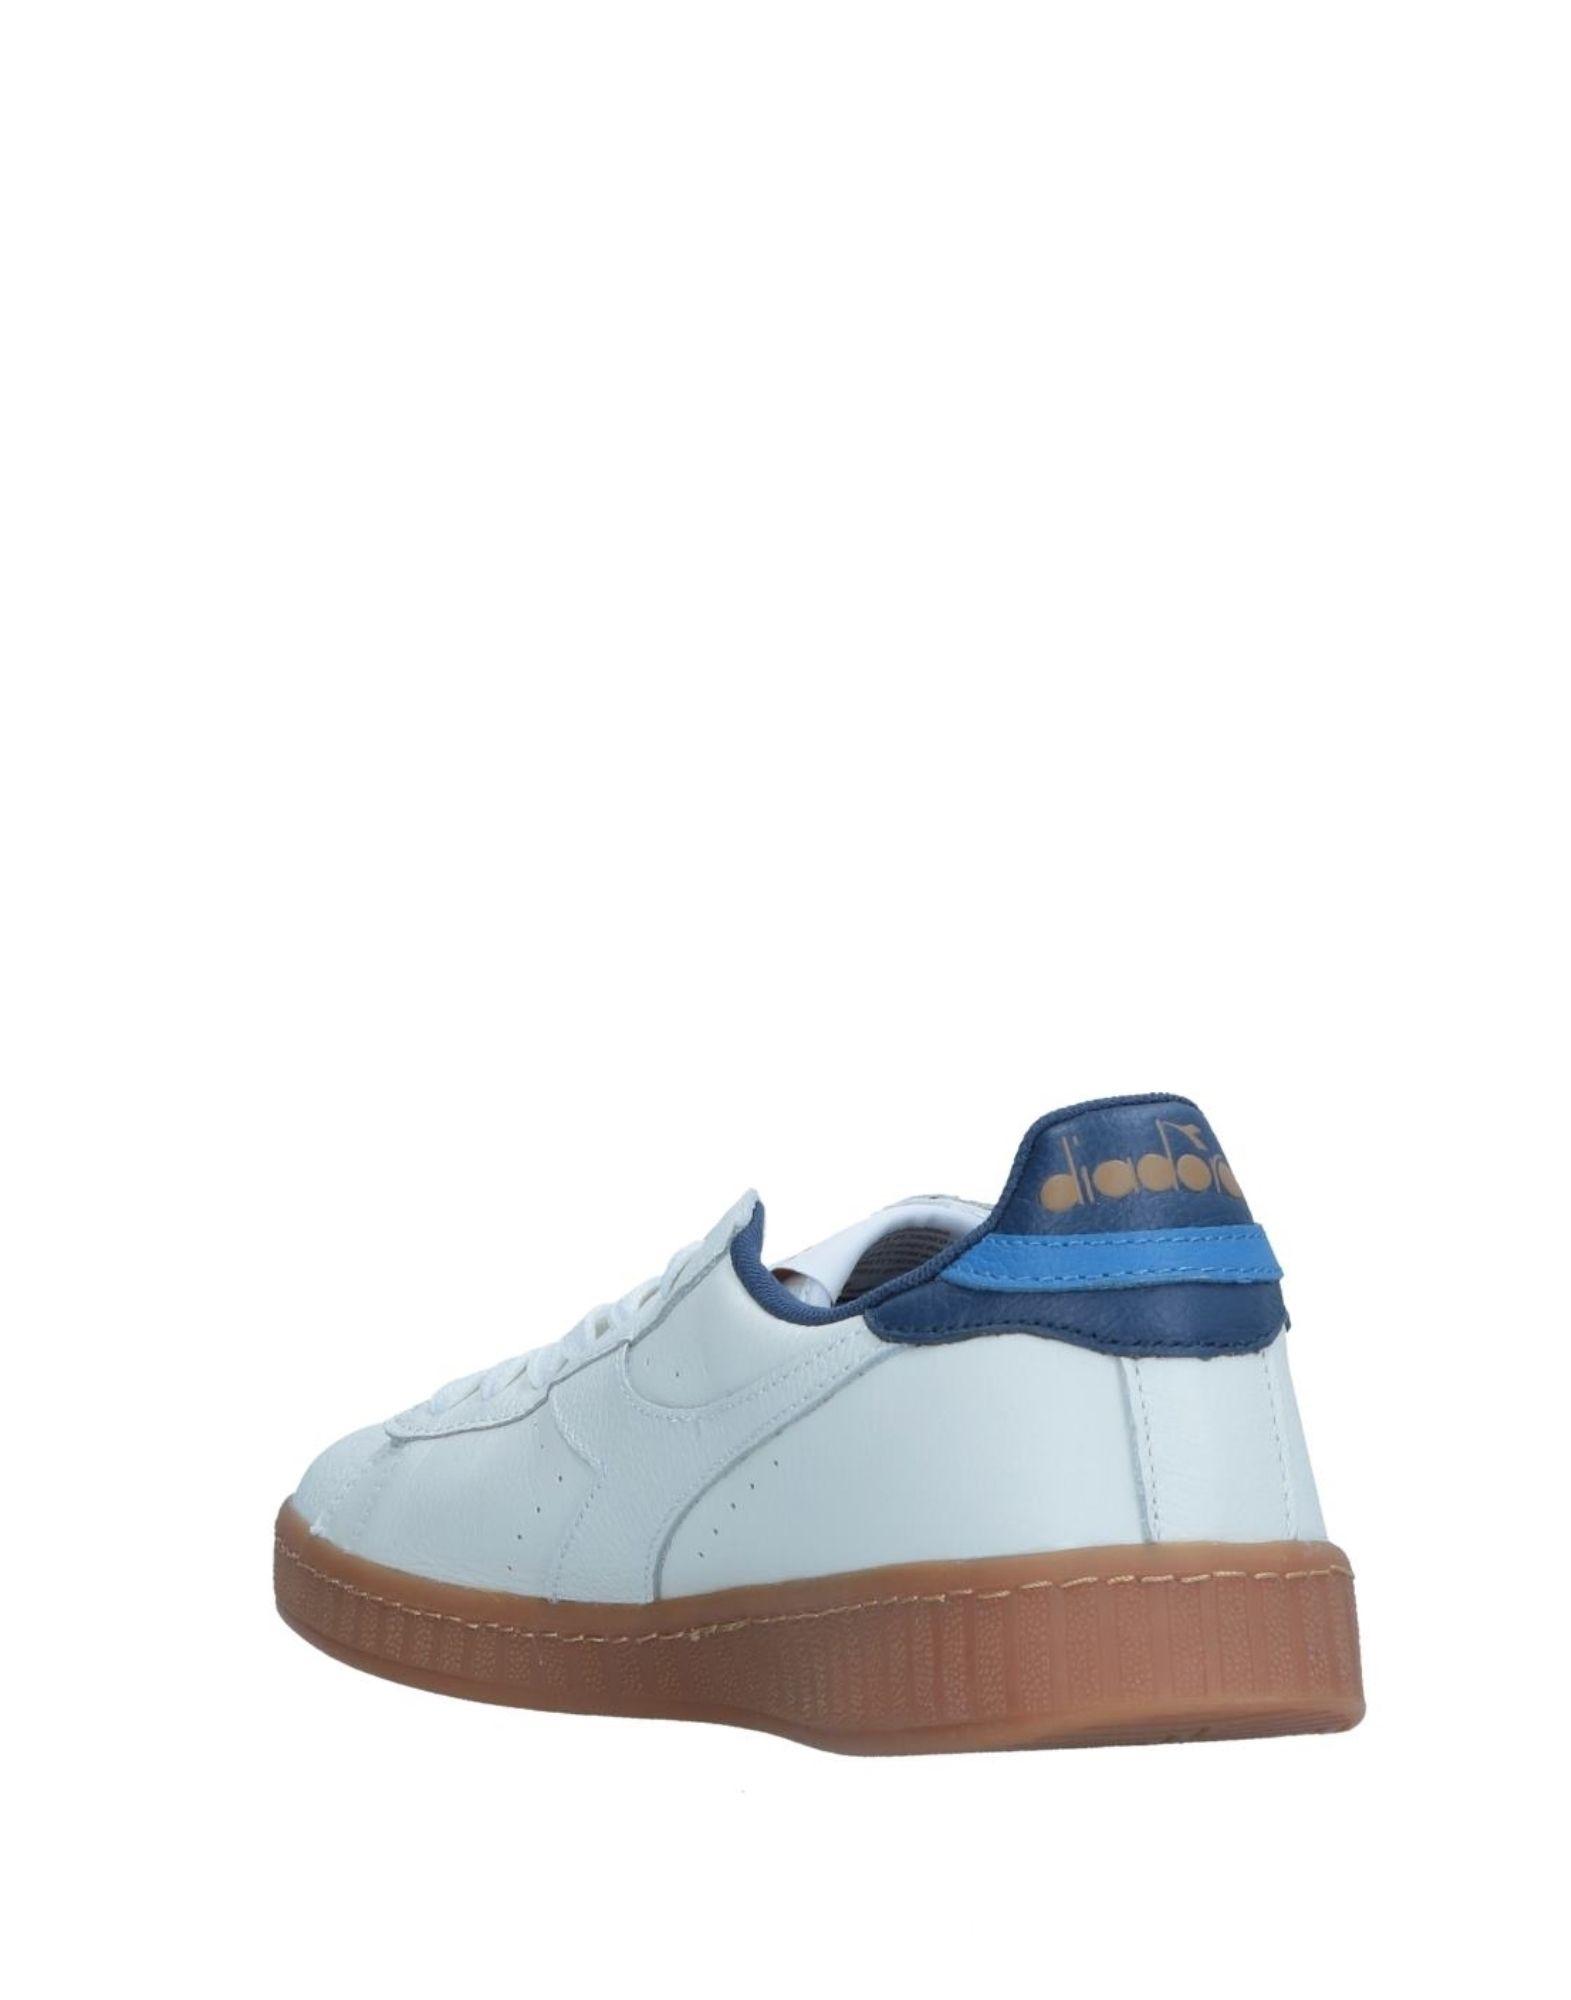 Rabatt Herren echte Schuhe Diadora Sneakers Herren Rabatt  11546936BT 1c39ca